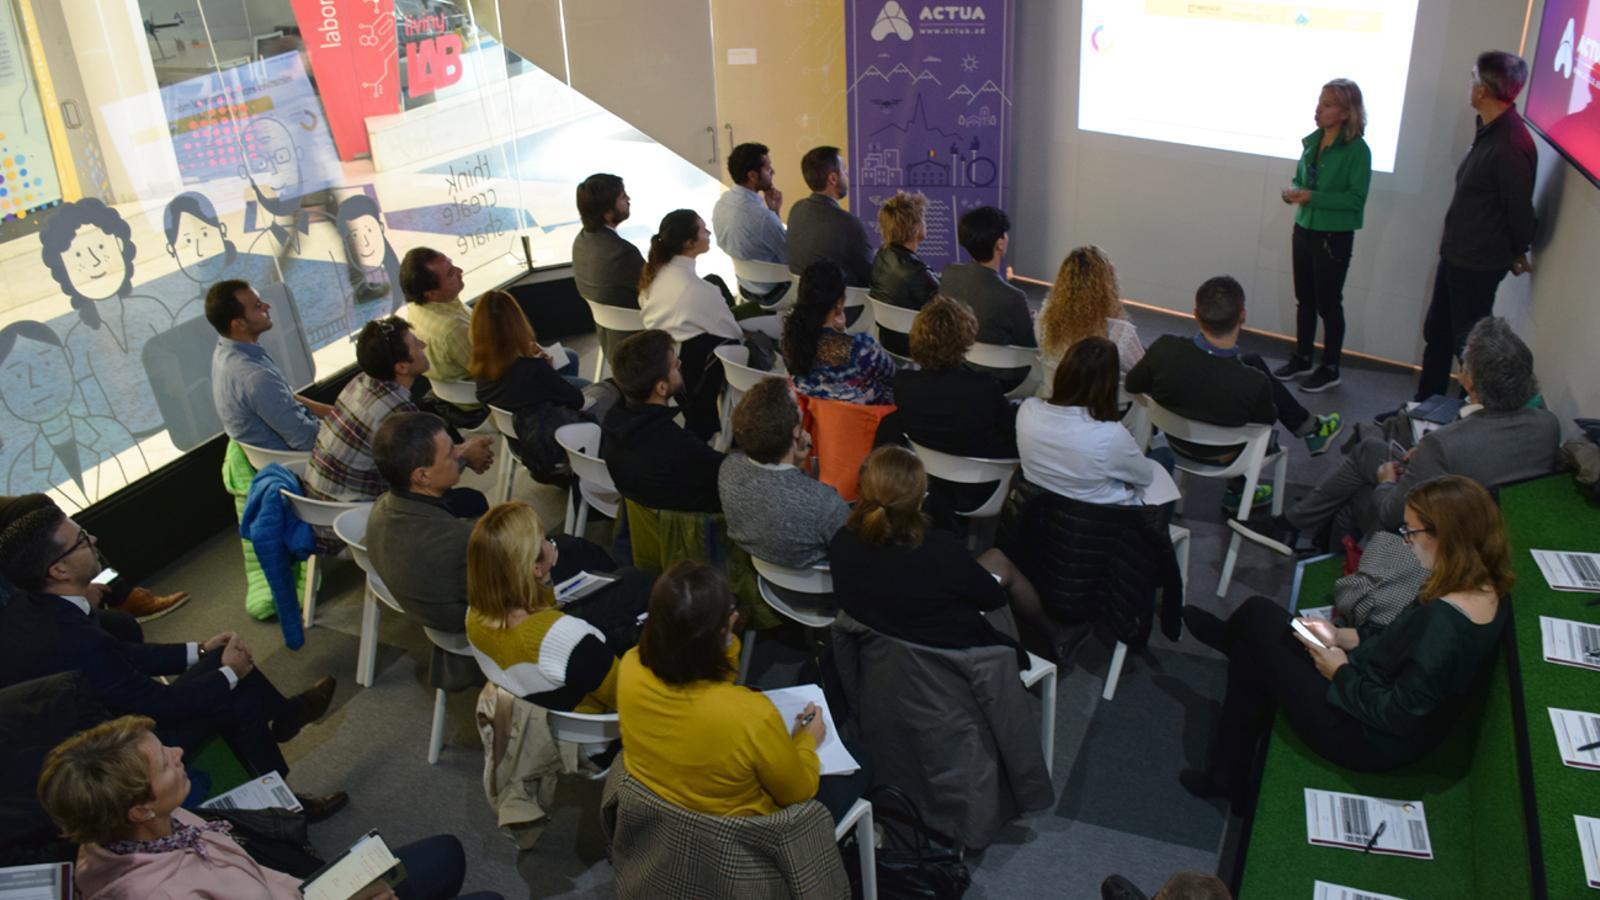 Presentació de l'Andorra Esports Clúster a l'Espai d'Innovació d'Actua. / T. N. (ANA)